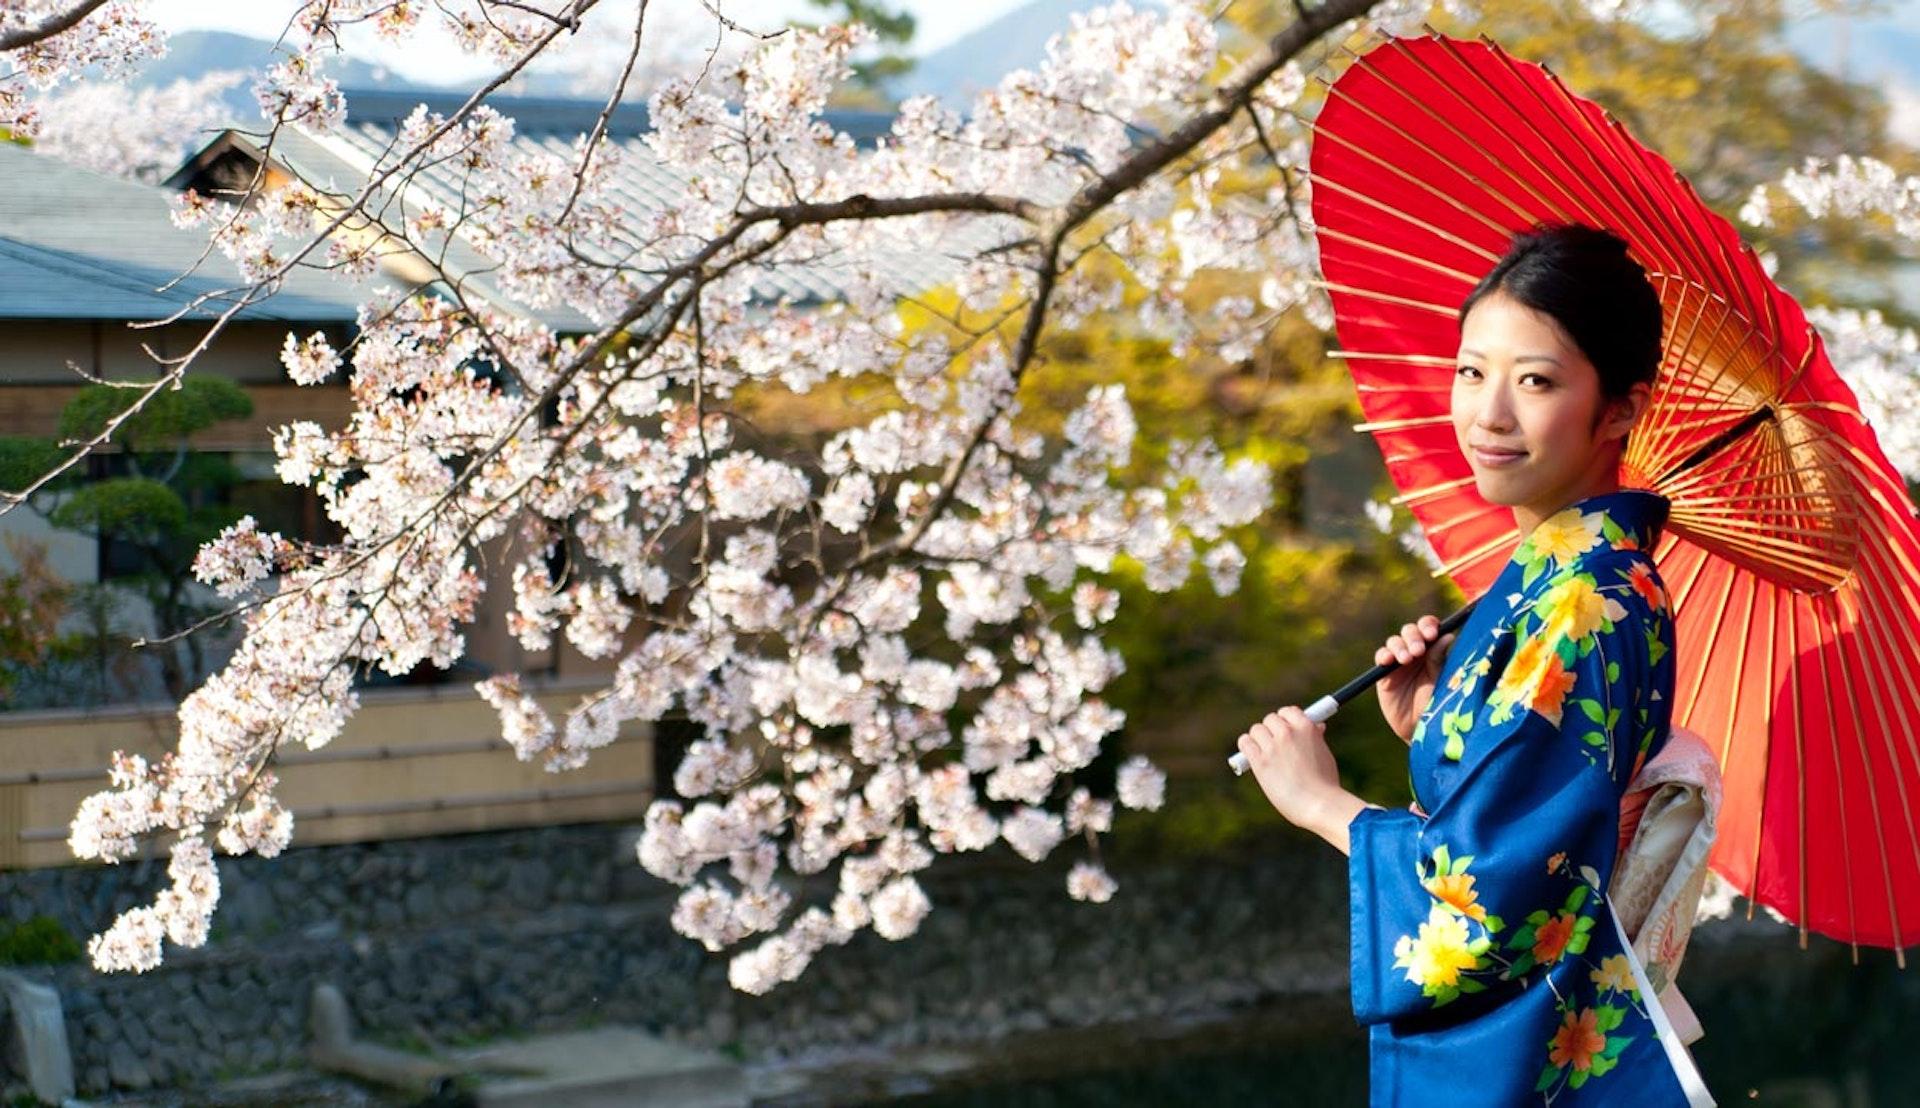 Japansk kvinna med rött paraply vid vacker körsbärsblom.